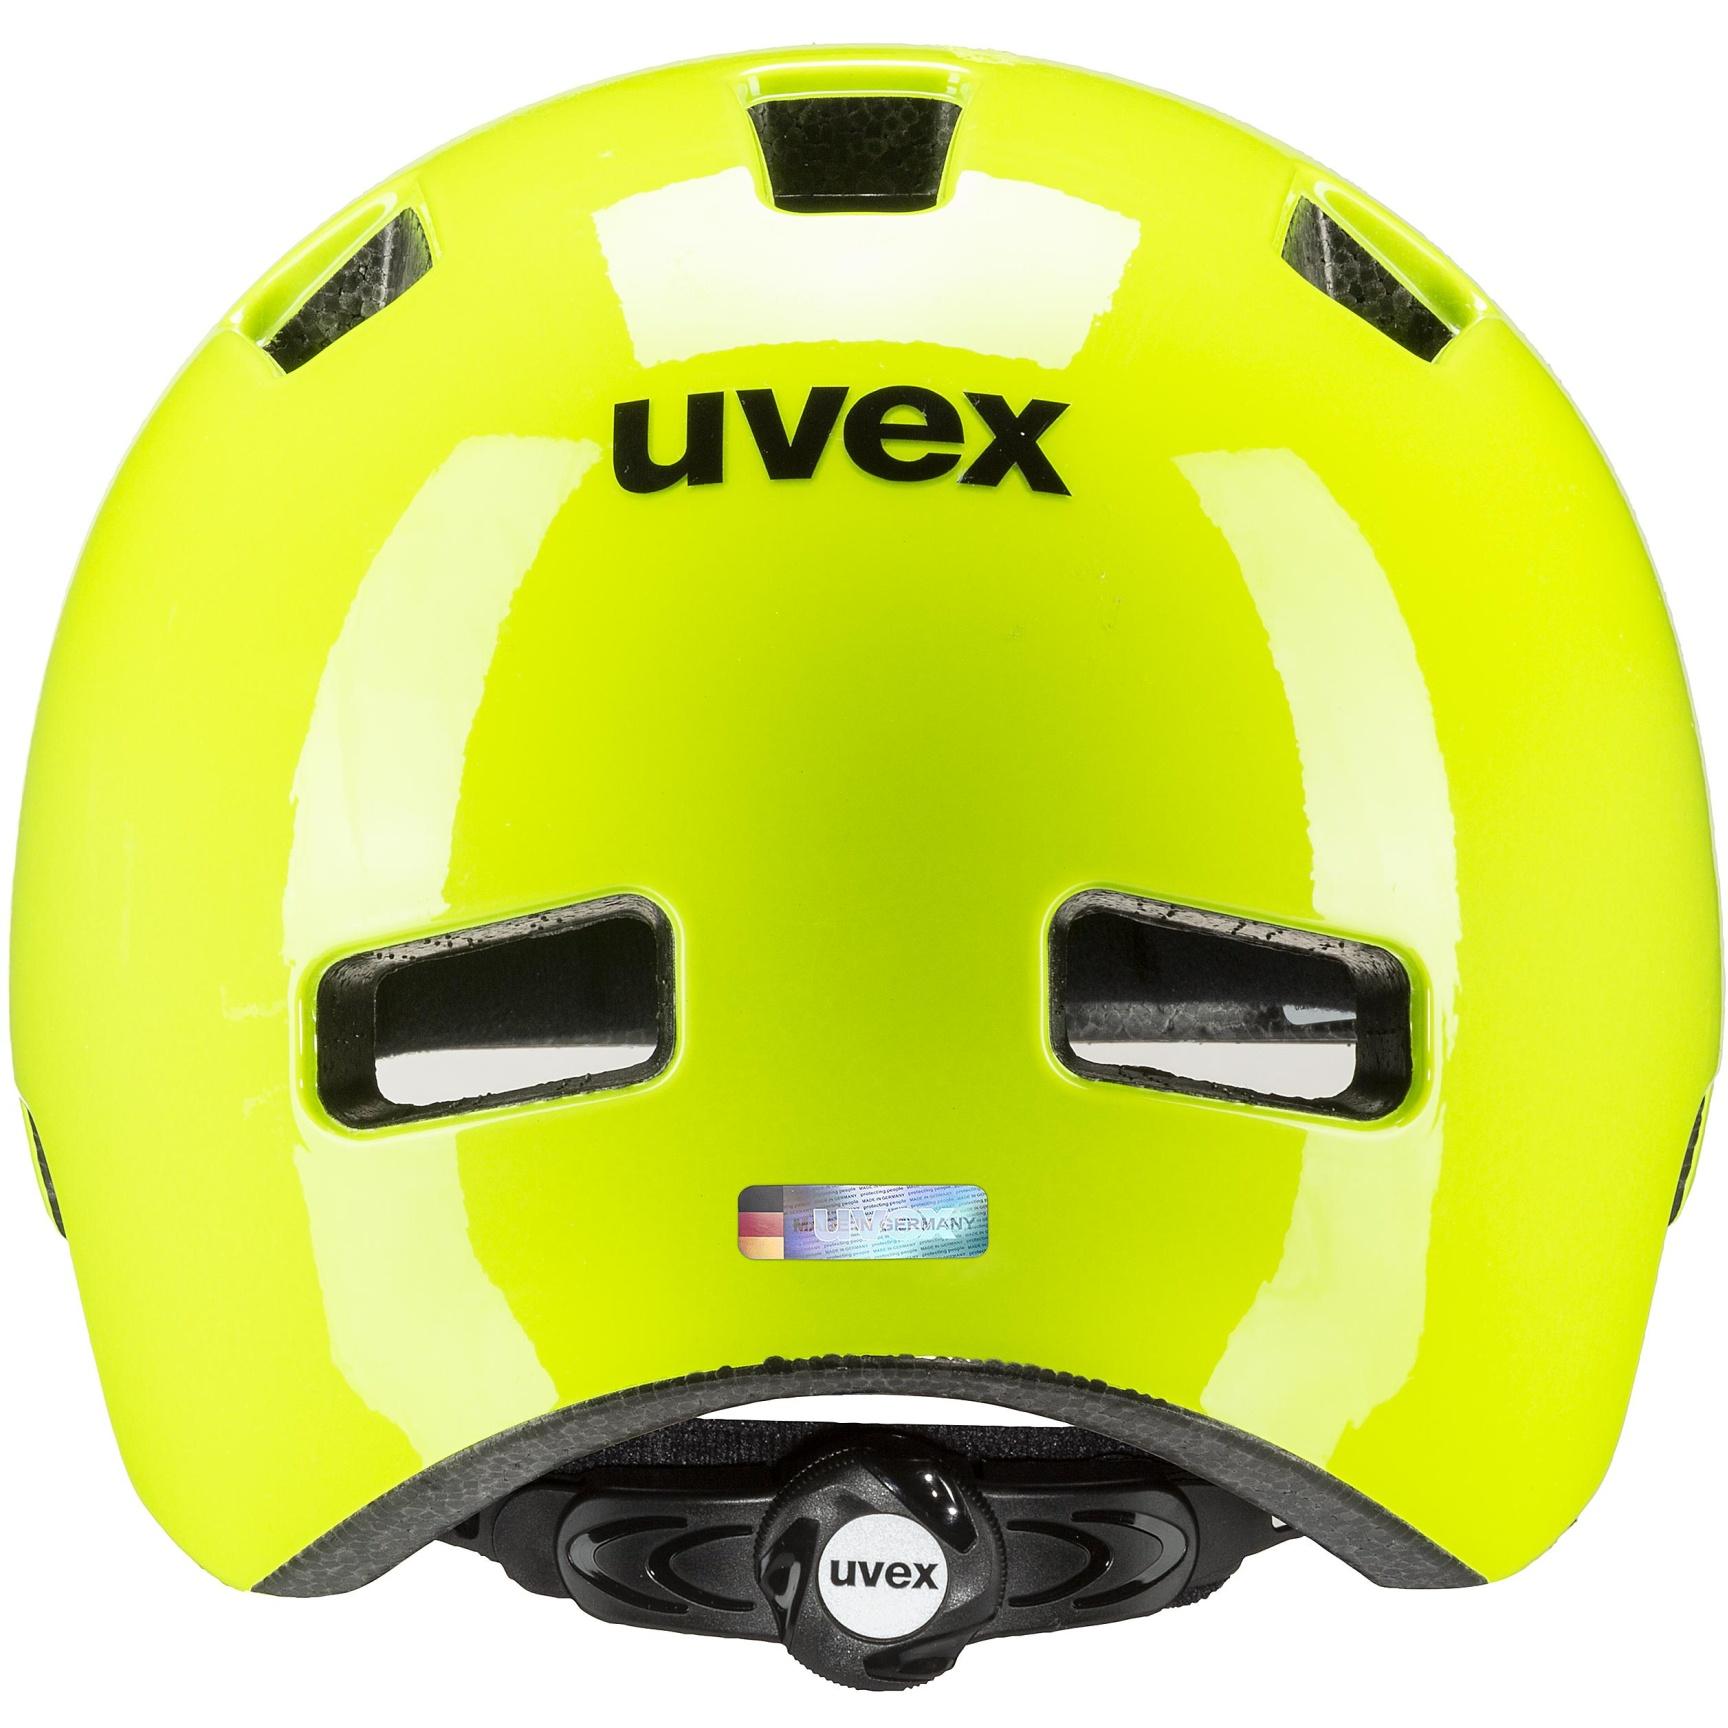 Image of Uvex hlmt 4 Kids Helmet - neon yellow